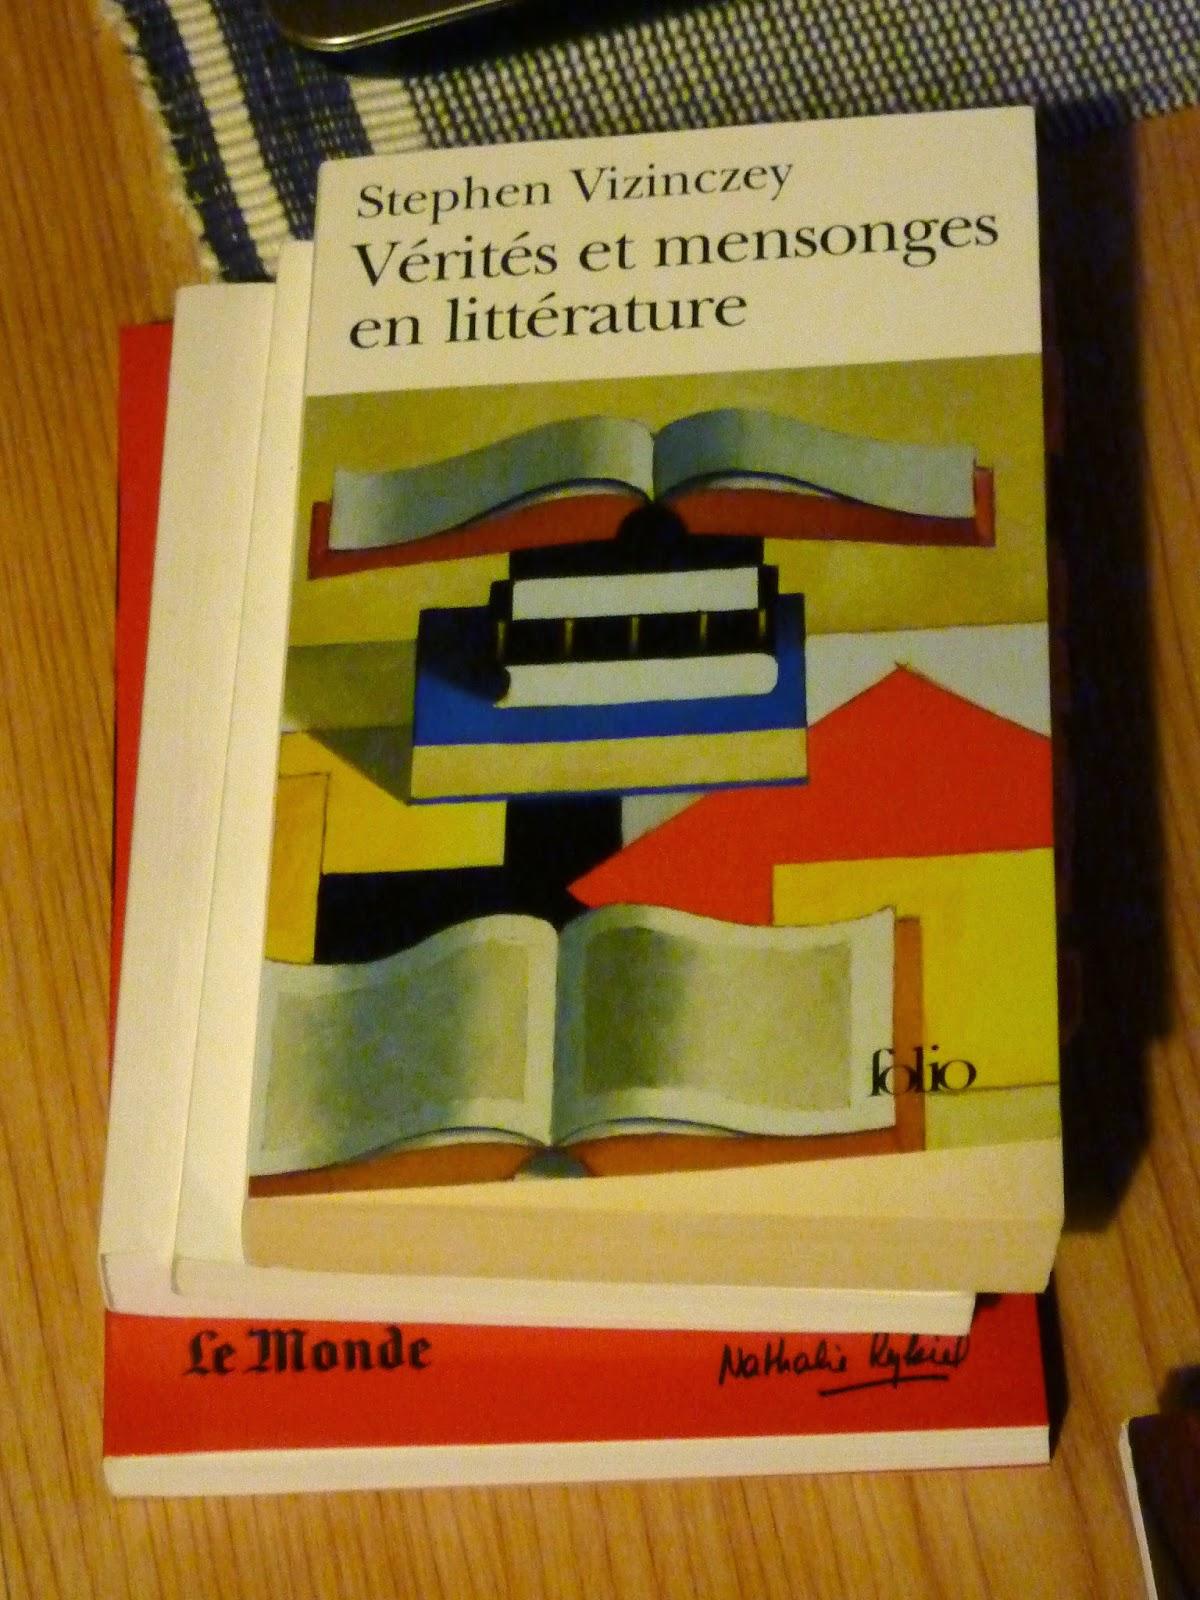 Vérités et mensonges en littérature - Stephen Vizinczey